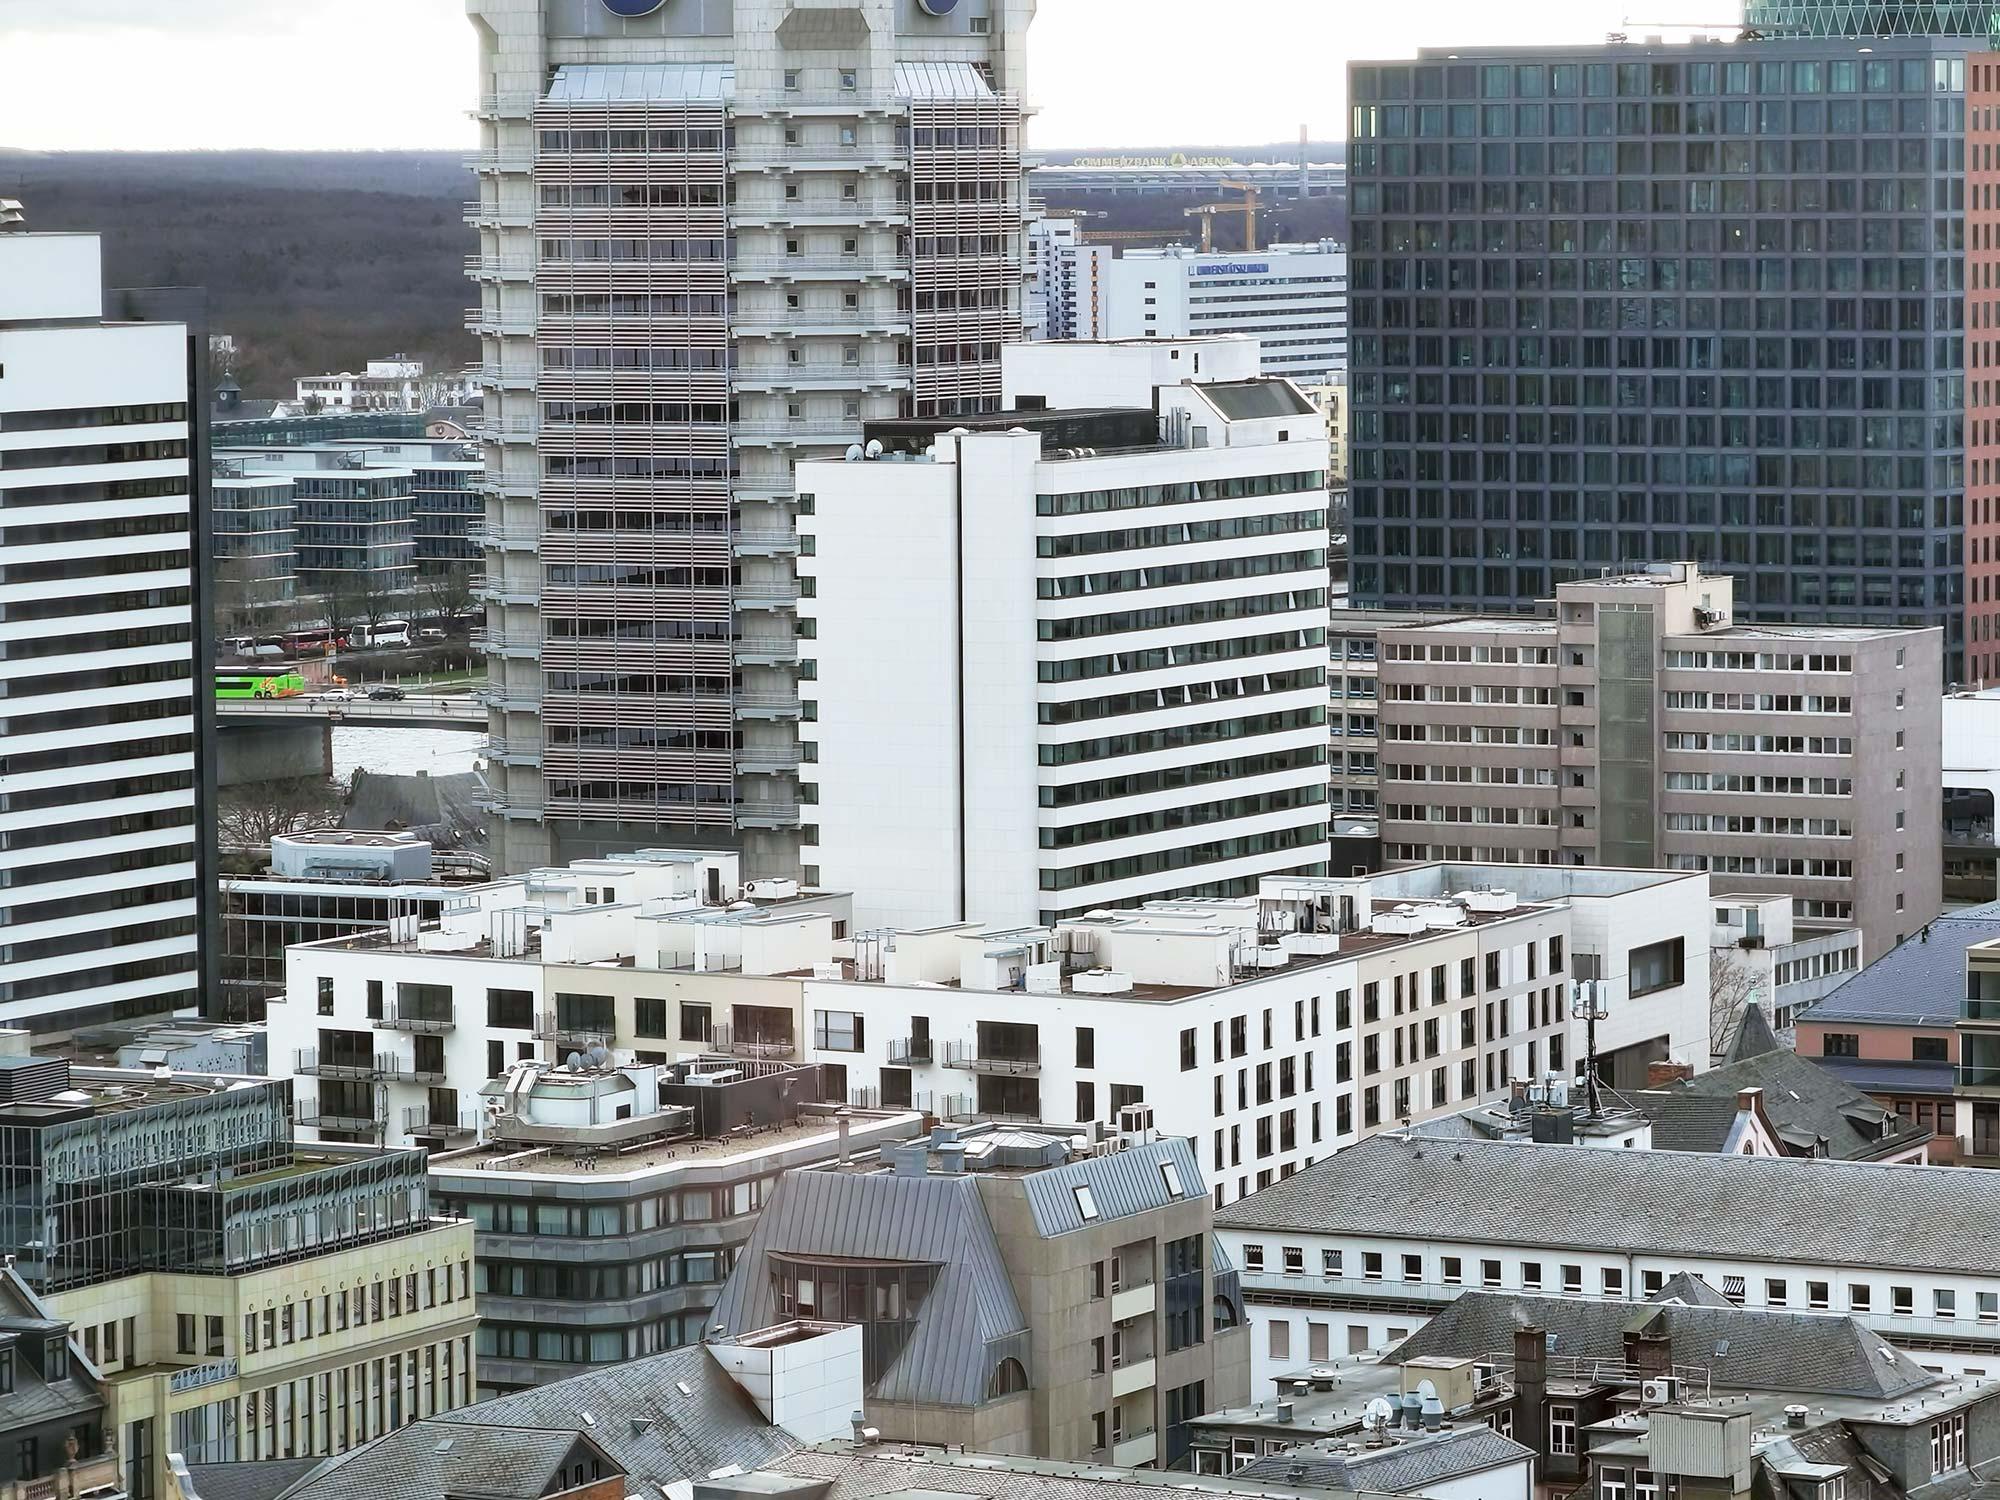 Bildmitte: Der 1969 errichtete Erweiterungsbau des Intercontinental Frankfurt (City Wing). Heute wird das Gebäude genutzt vom Scandic Frankfurt Museumsufer.